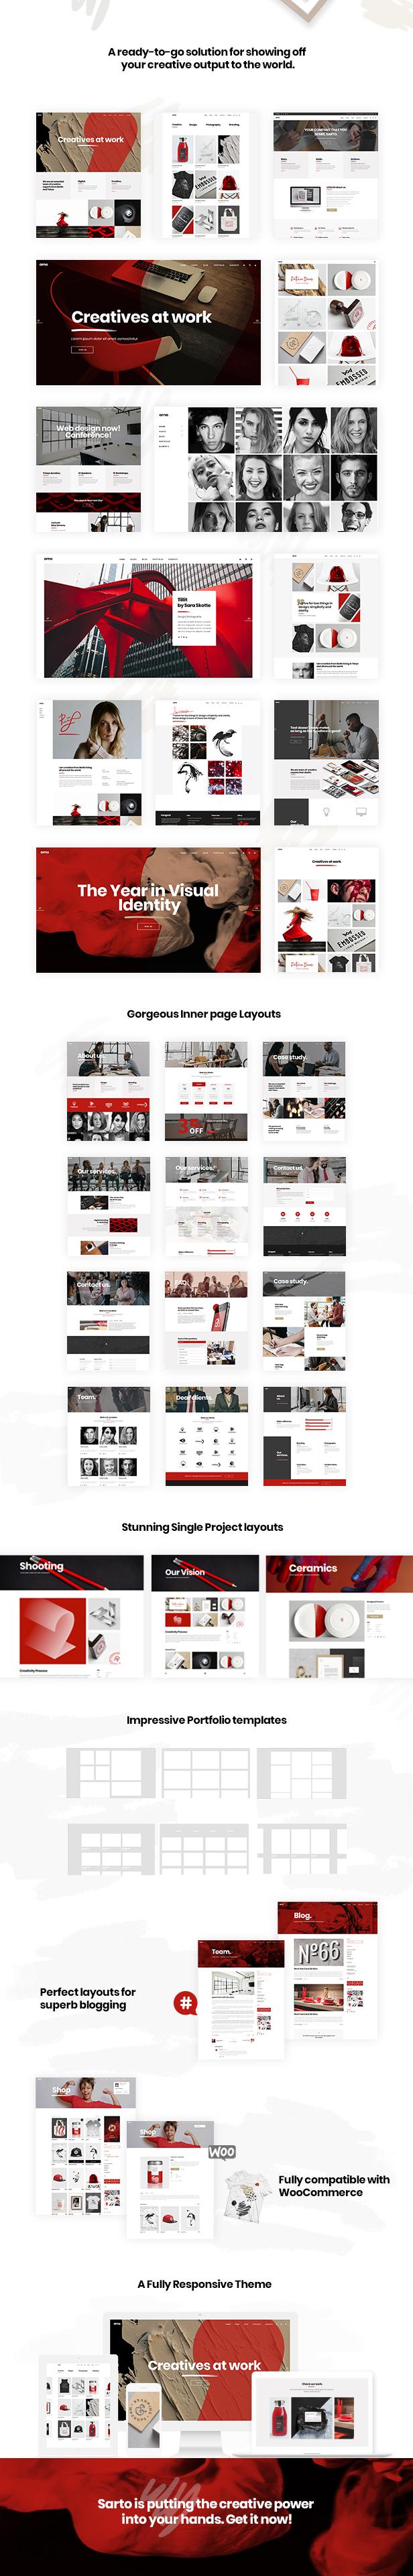 Sarto -  Web Design & Creative Agency Theme - 1